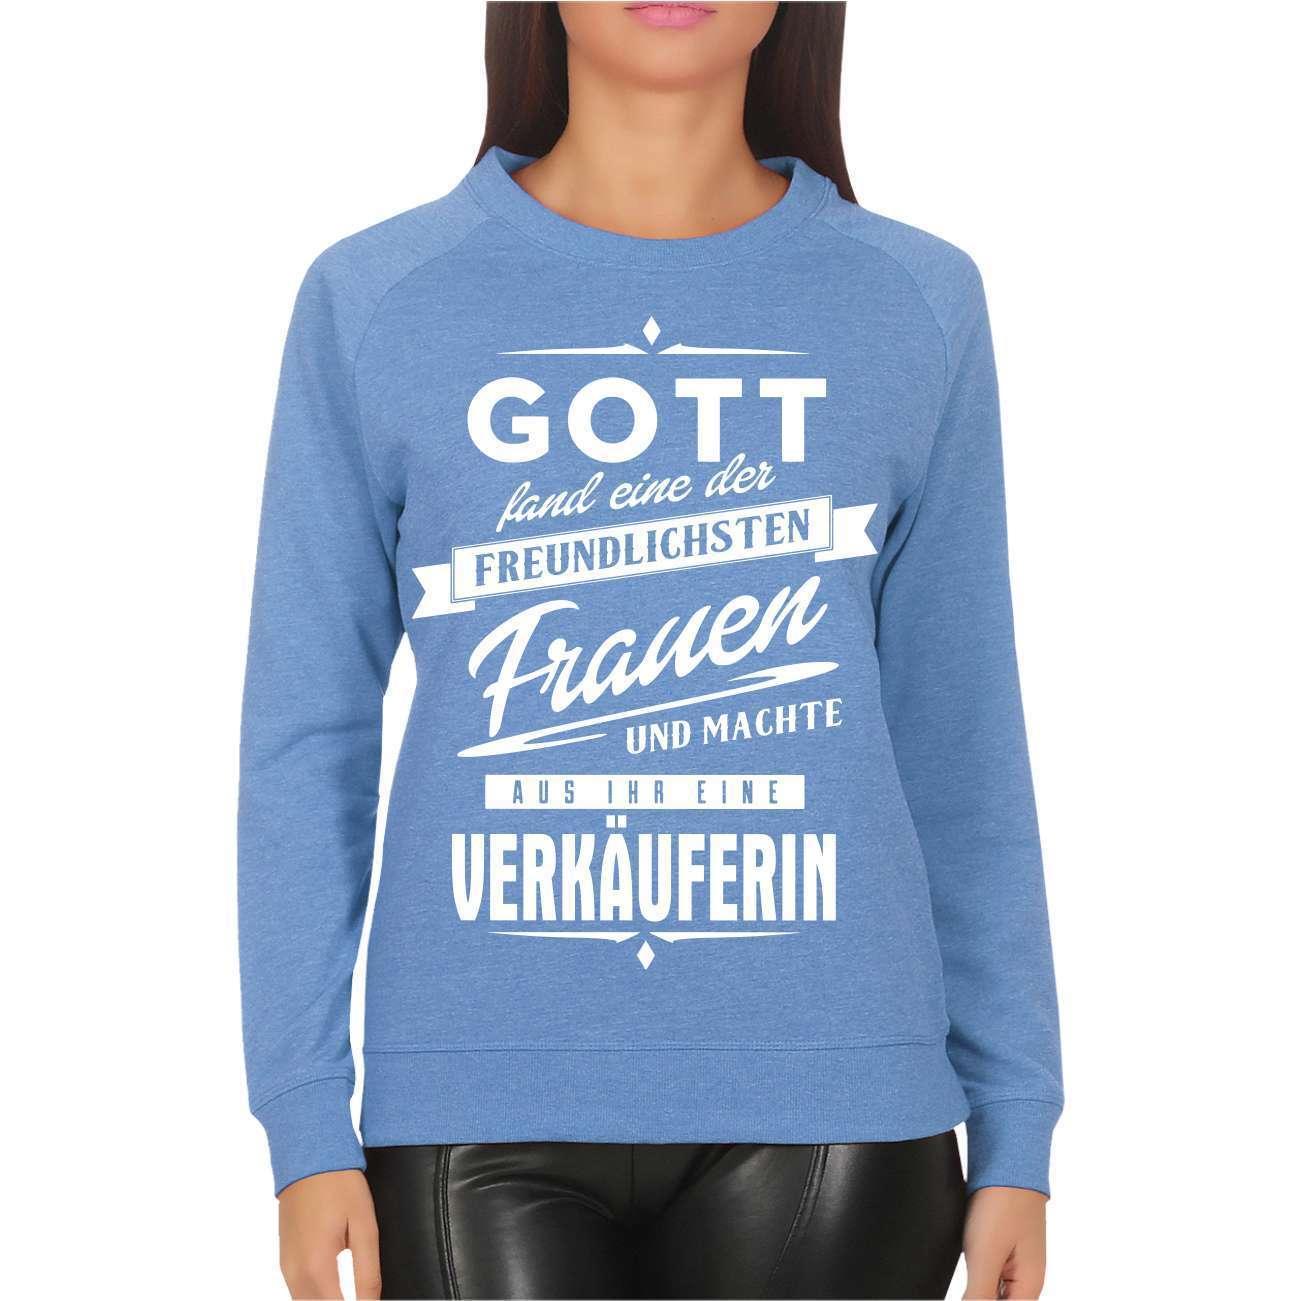 Frauen Mädchen Sweatshirt Verkäuferin Kauffrau Beruf Sprüche Geschenk Fun lustig